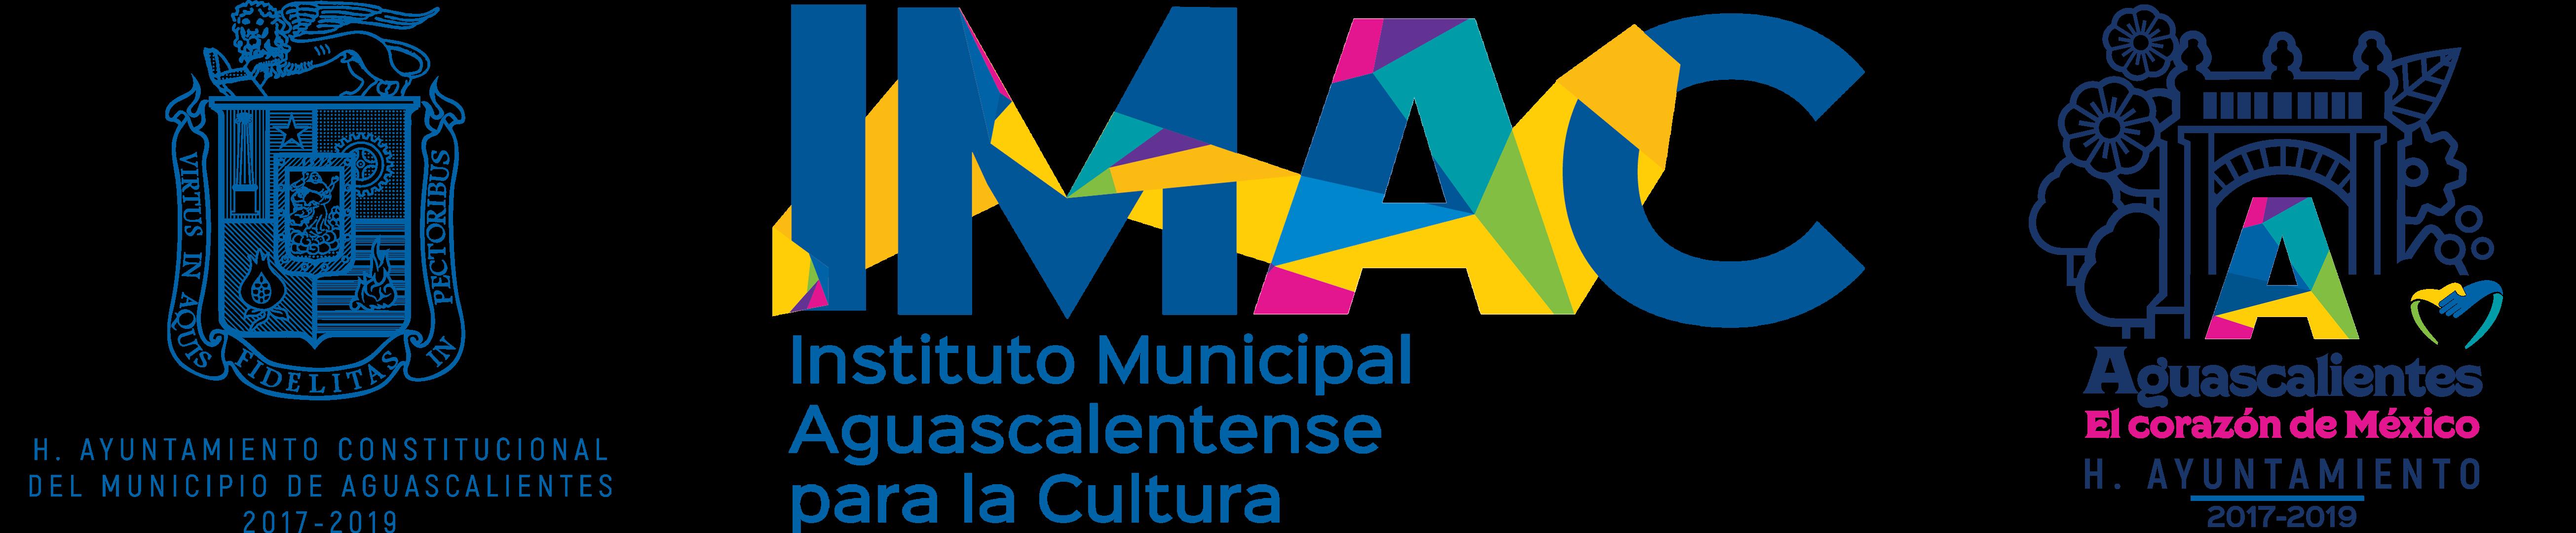 Instituto Municipal Aguascalentense para la Cultura